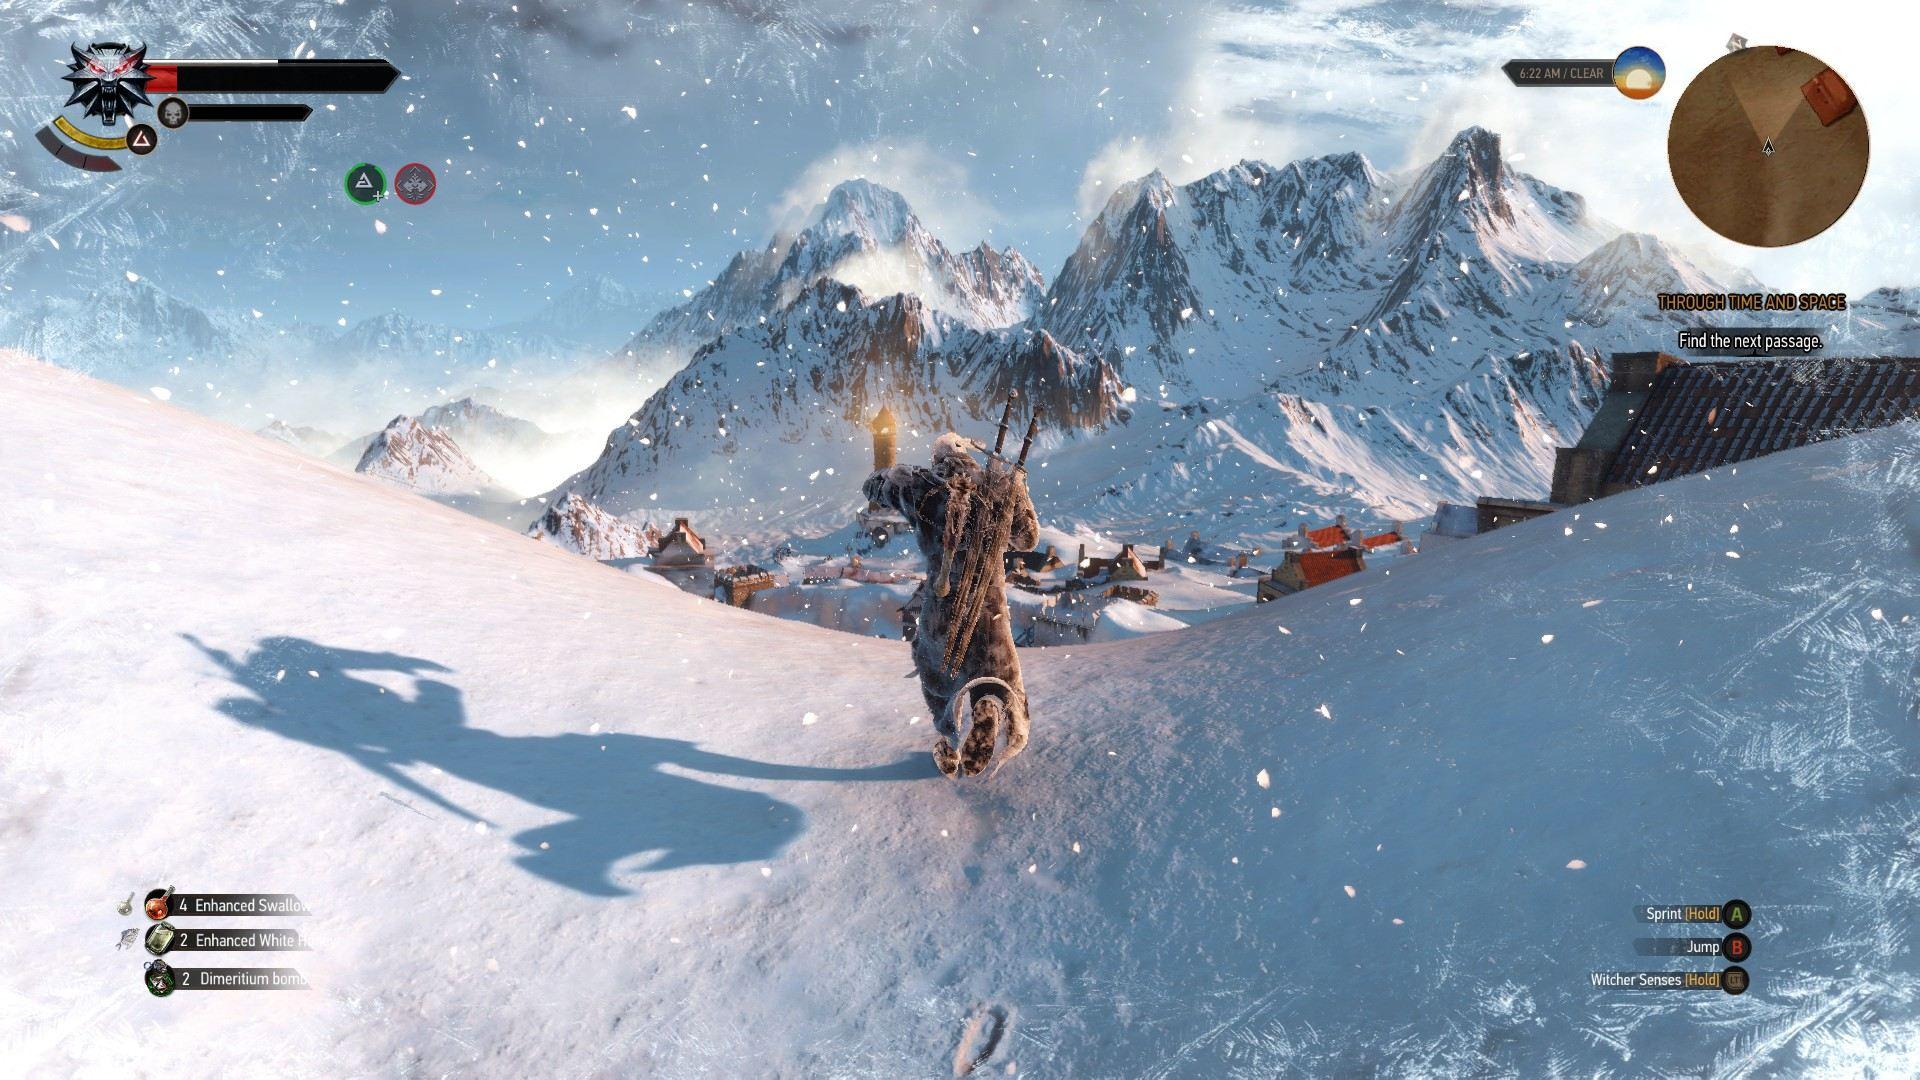 97657477.jpg - Witcher 3: Wild Hunt, the